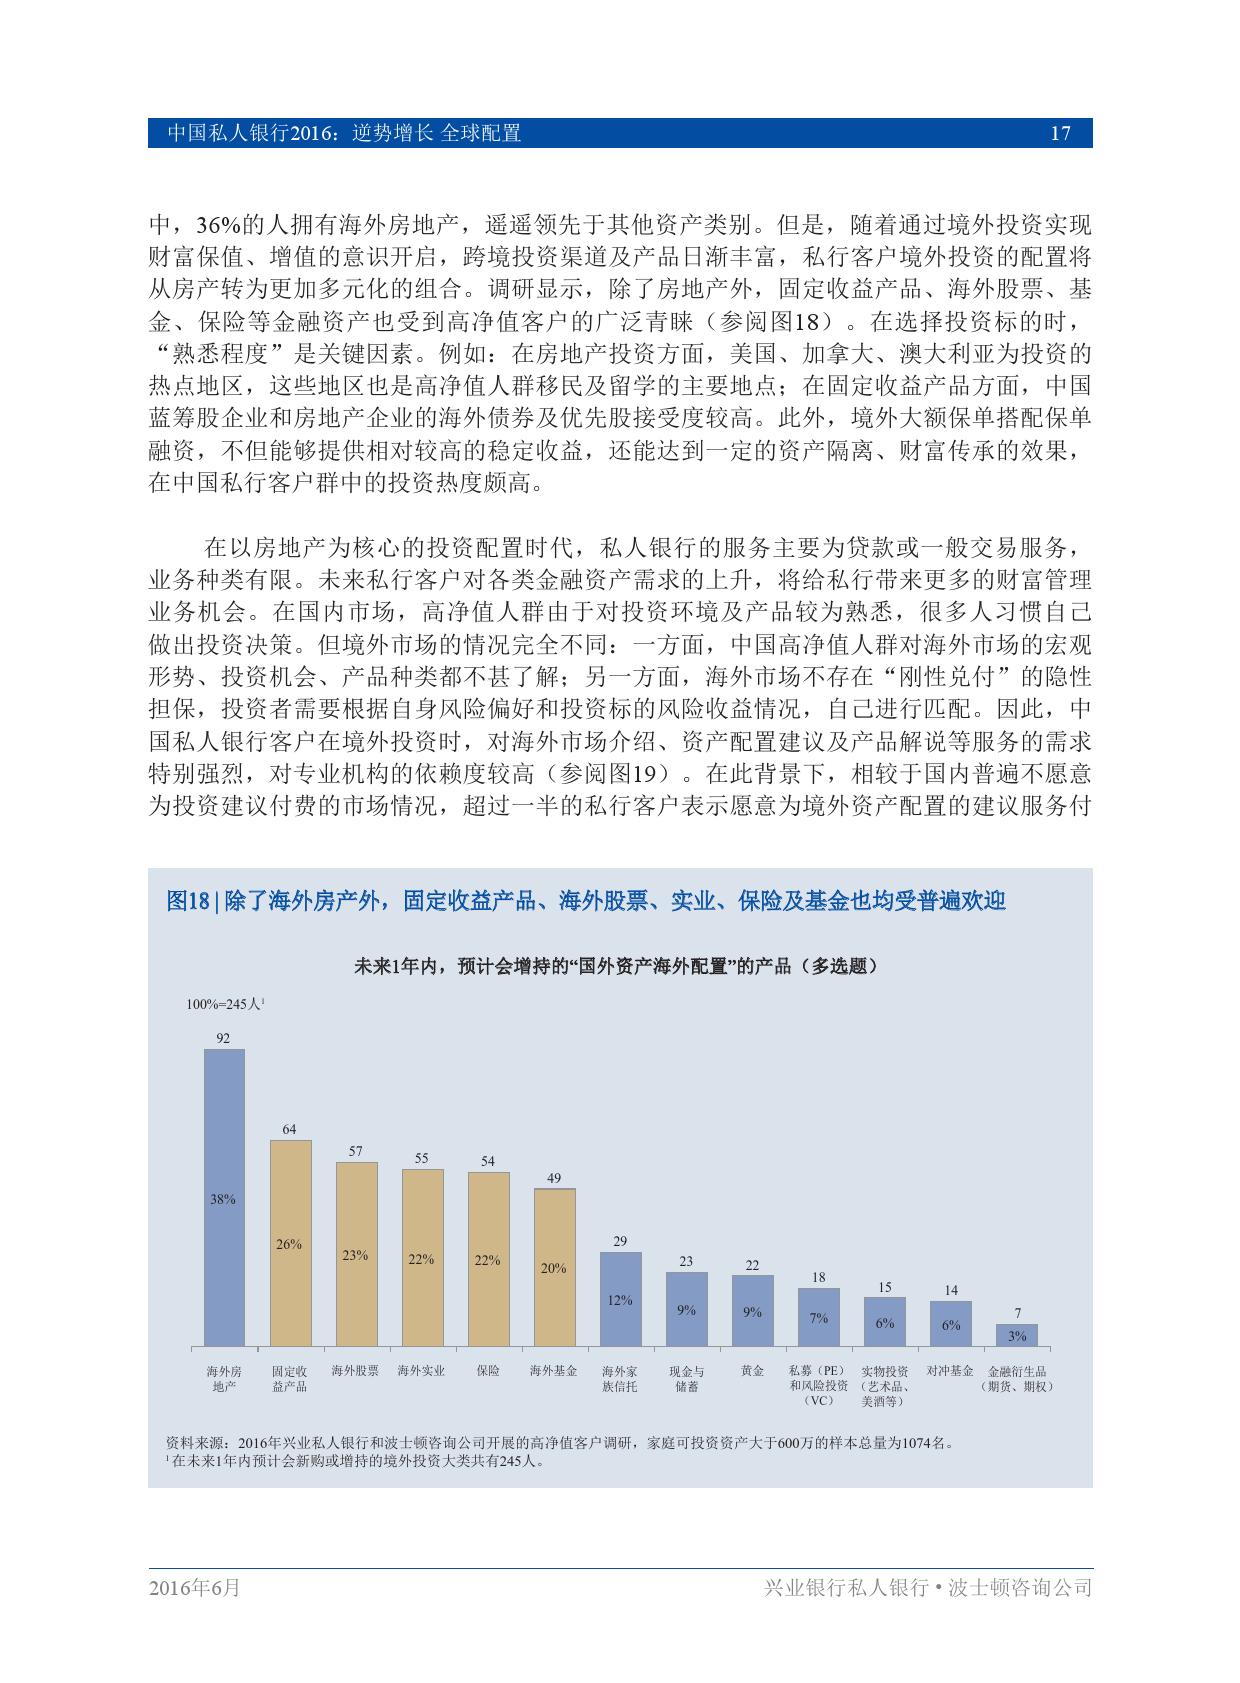 中国私人银行2016逆势增长、全球配置_000019